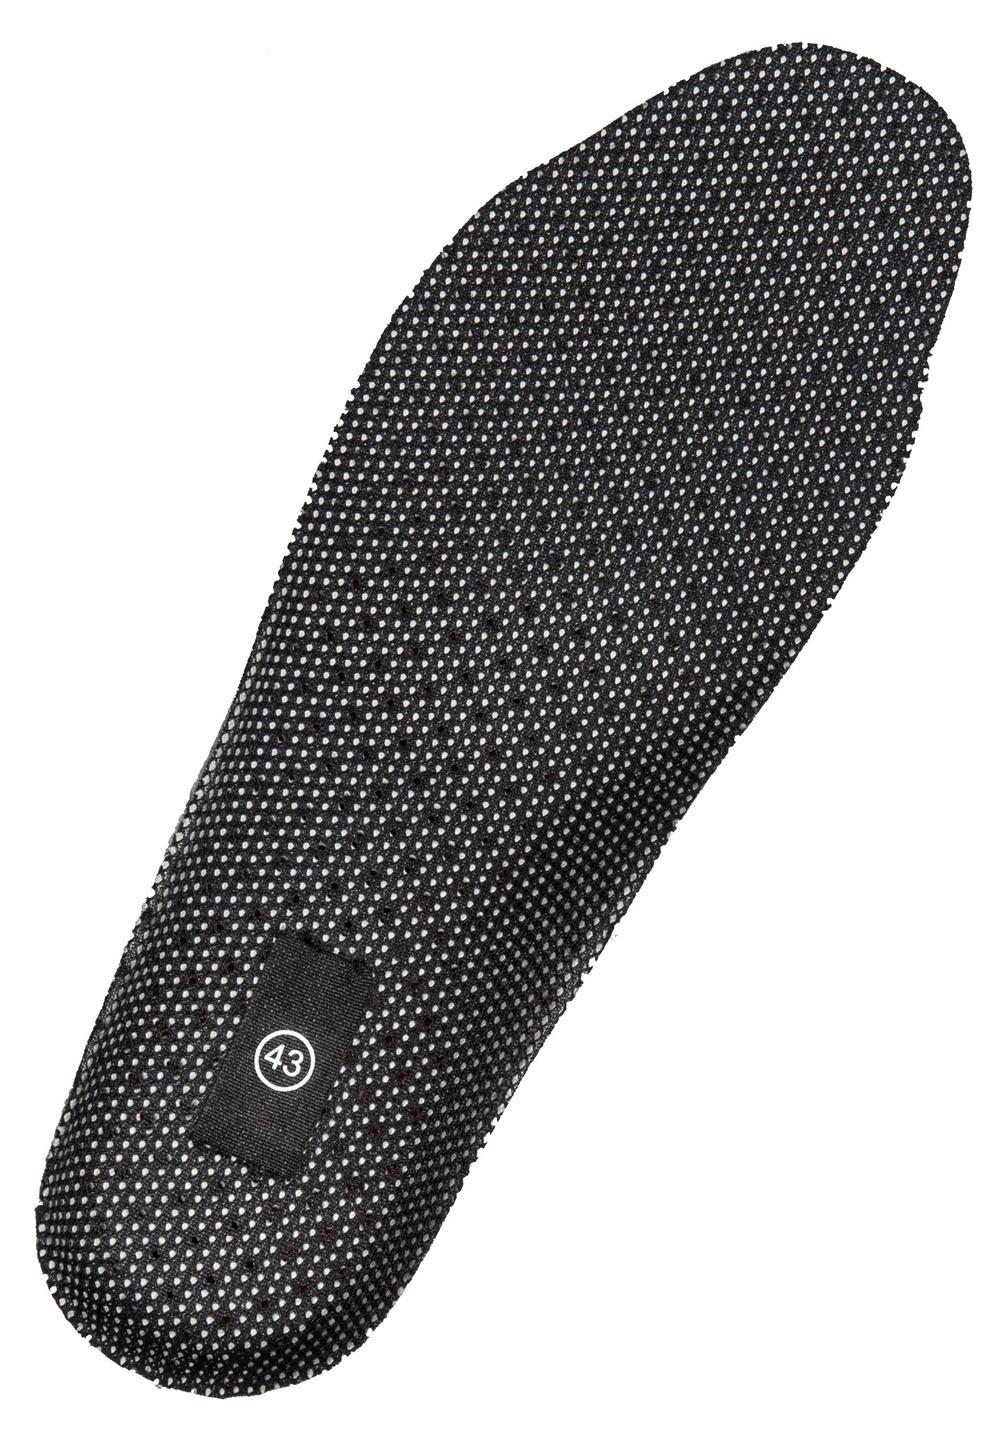 FT086-980-09 Innleggssåler - svart